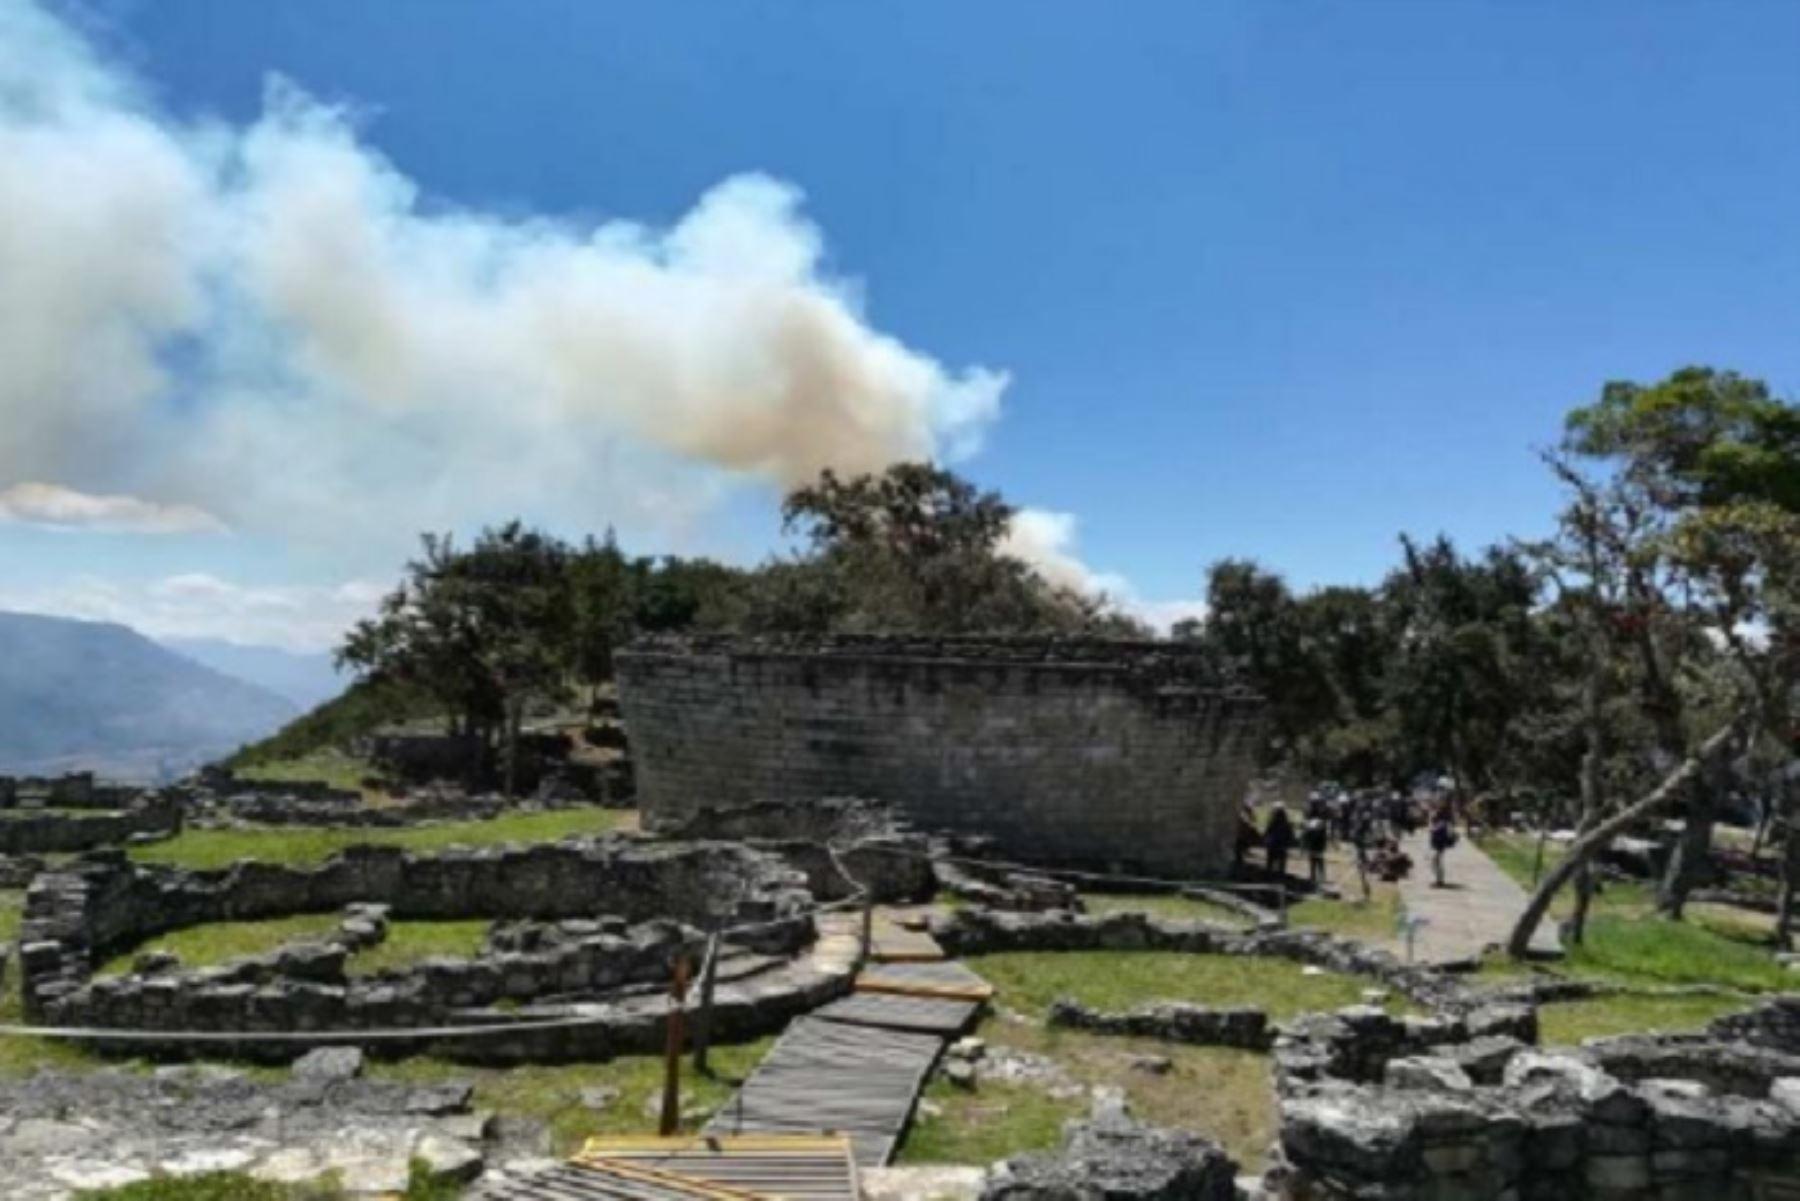 Amazonas: Ejército trata de extinguir incendio cerca a zona arqueológica de Kuélap